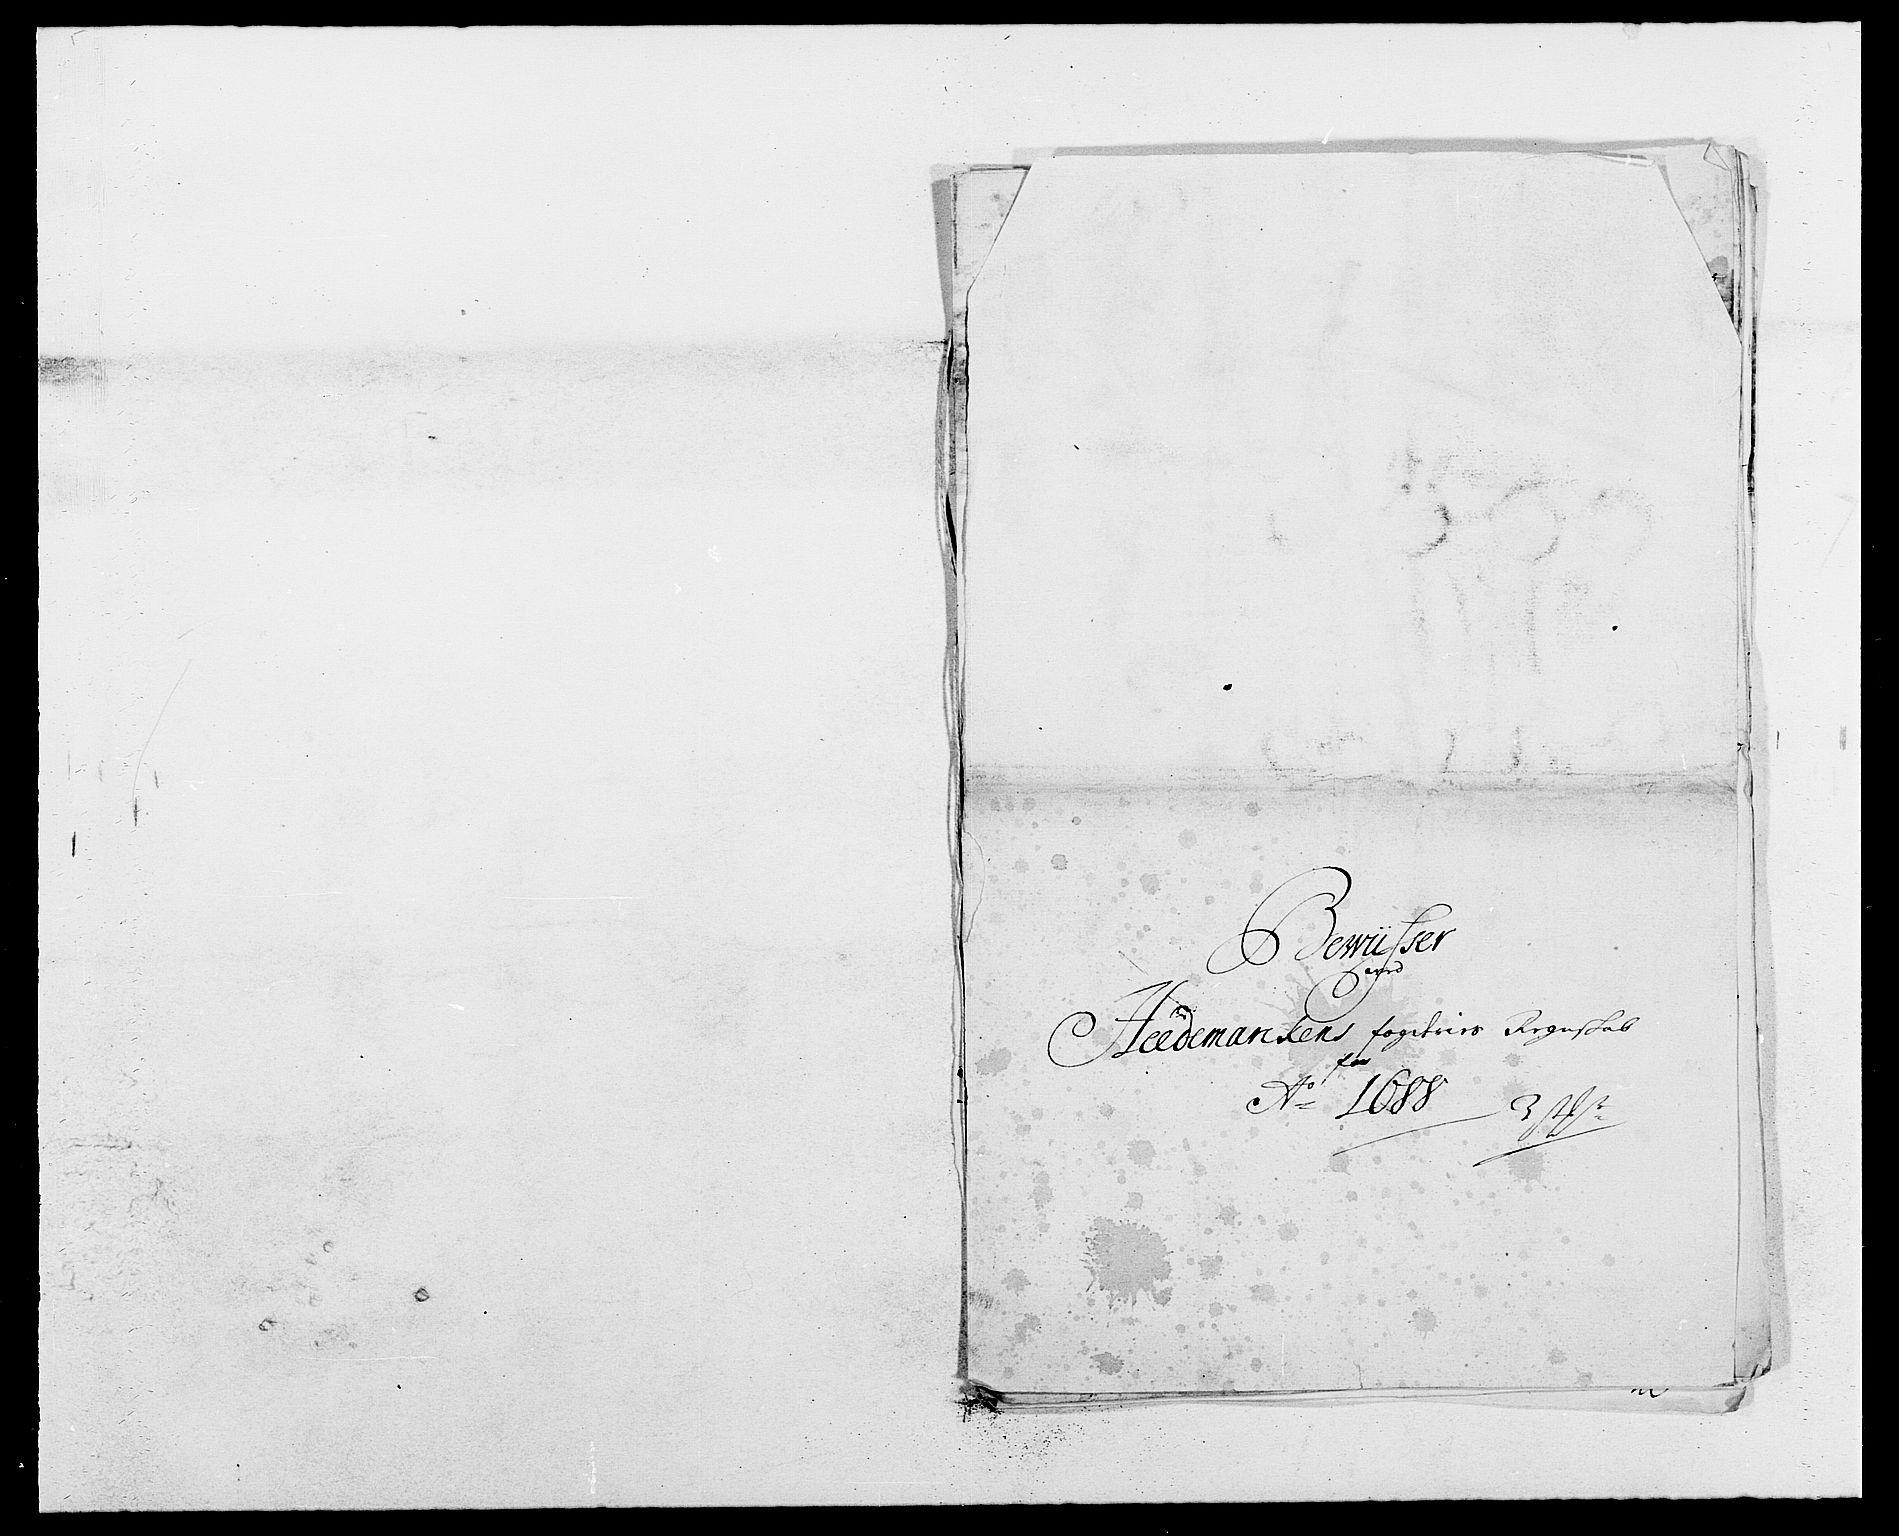 RA, Rentekammeret inntil 1814, Reviderte regnskaper, Fogderegnskap, R16/L1029: Fogderegnskap Hedmark, 1688, s. 353